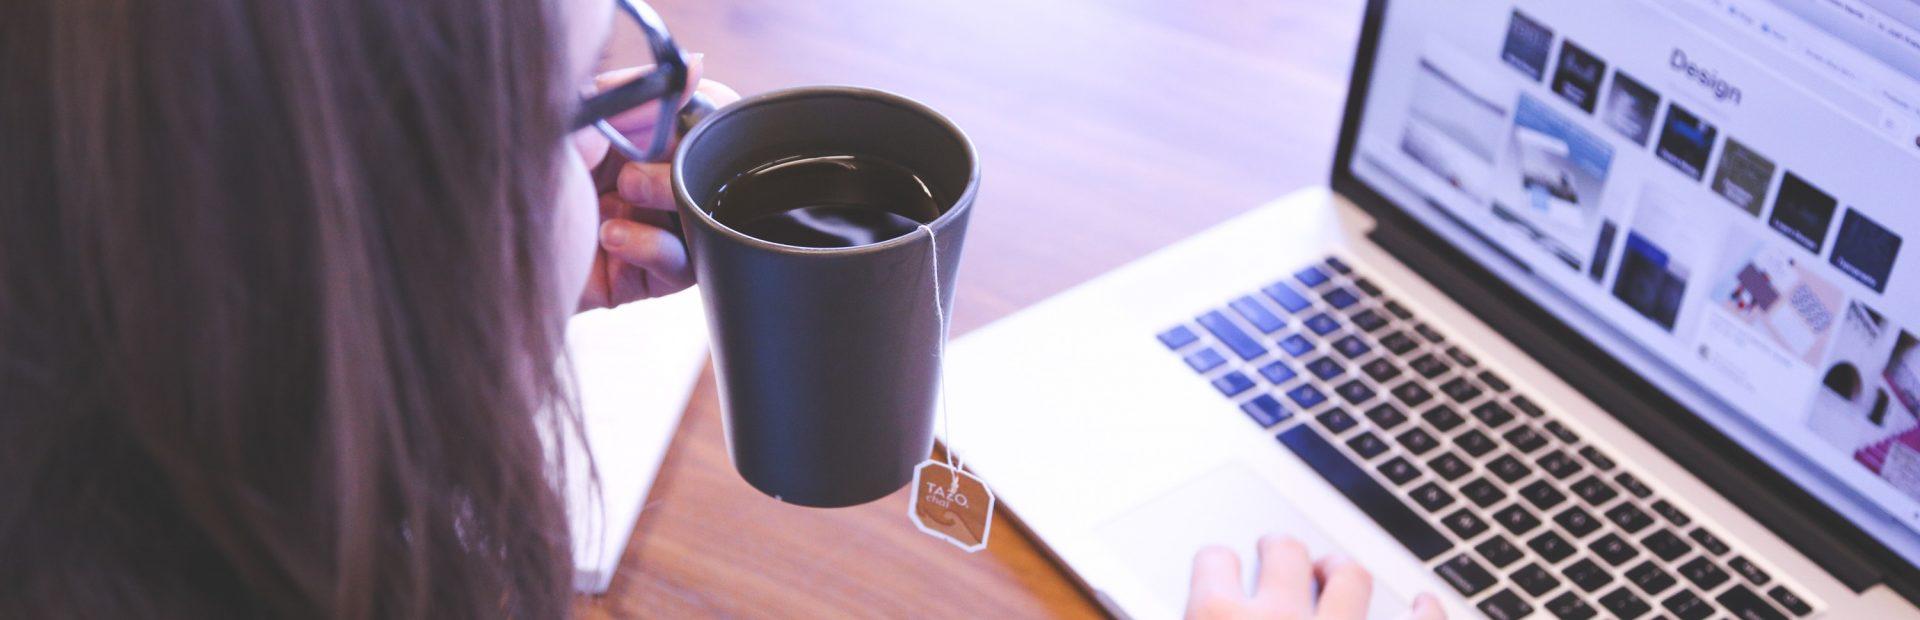 Frau sitzt am Laptop, trinkt eine Tasse Tee und arbeitet in Homeoffice.